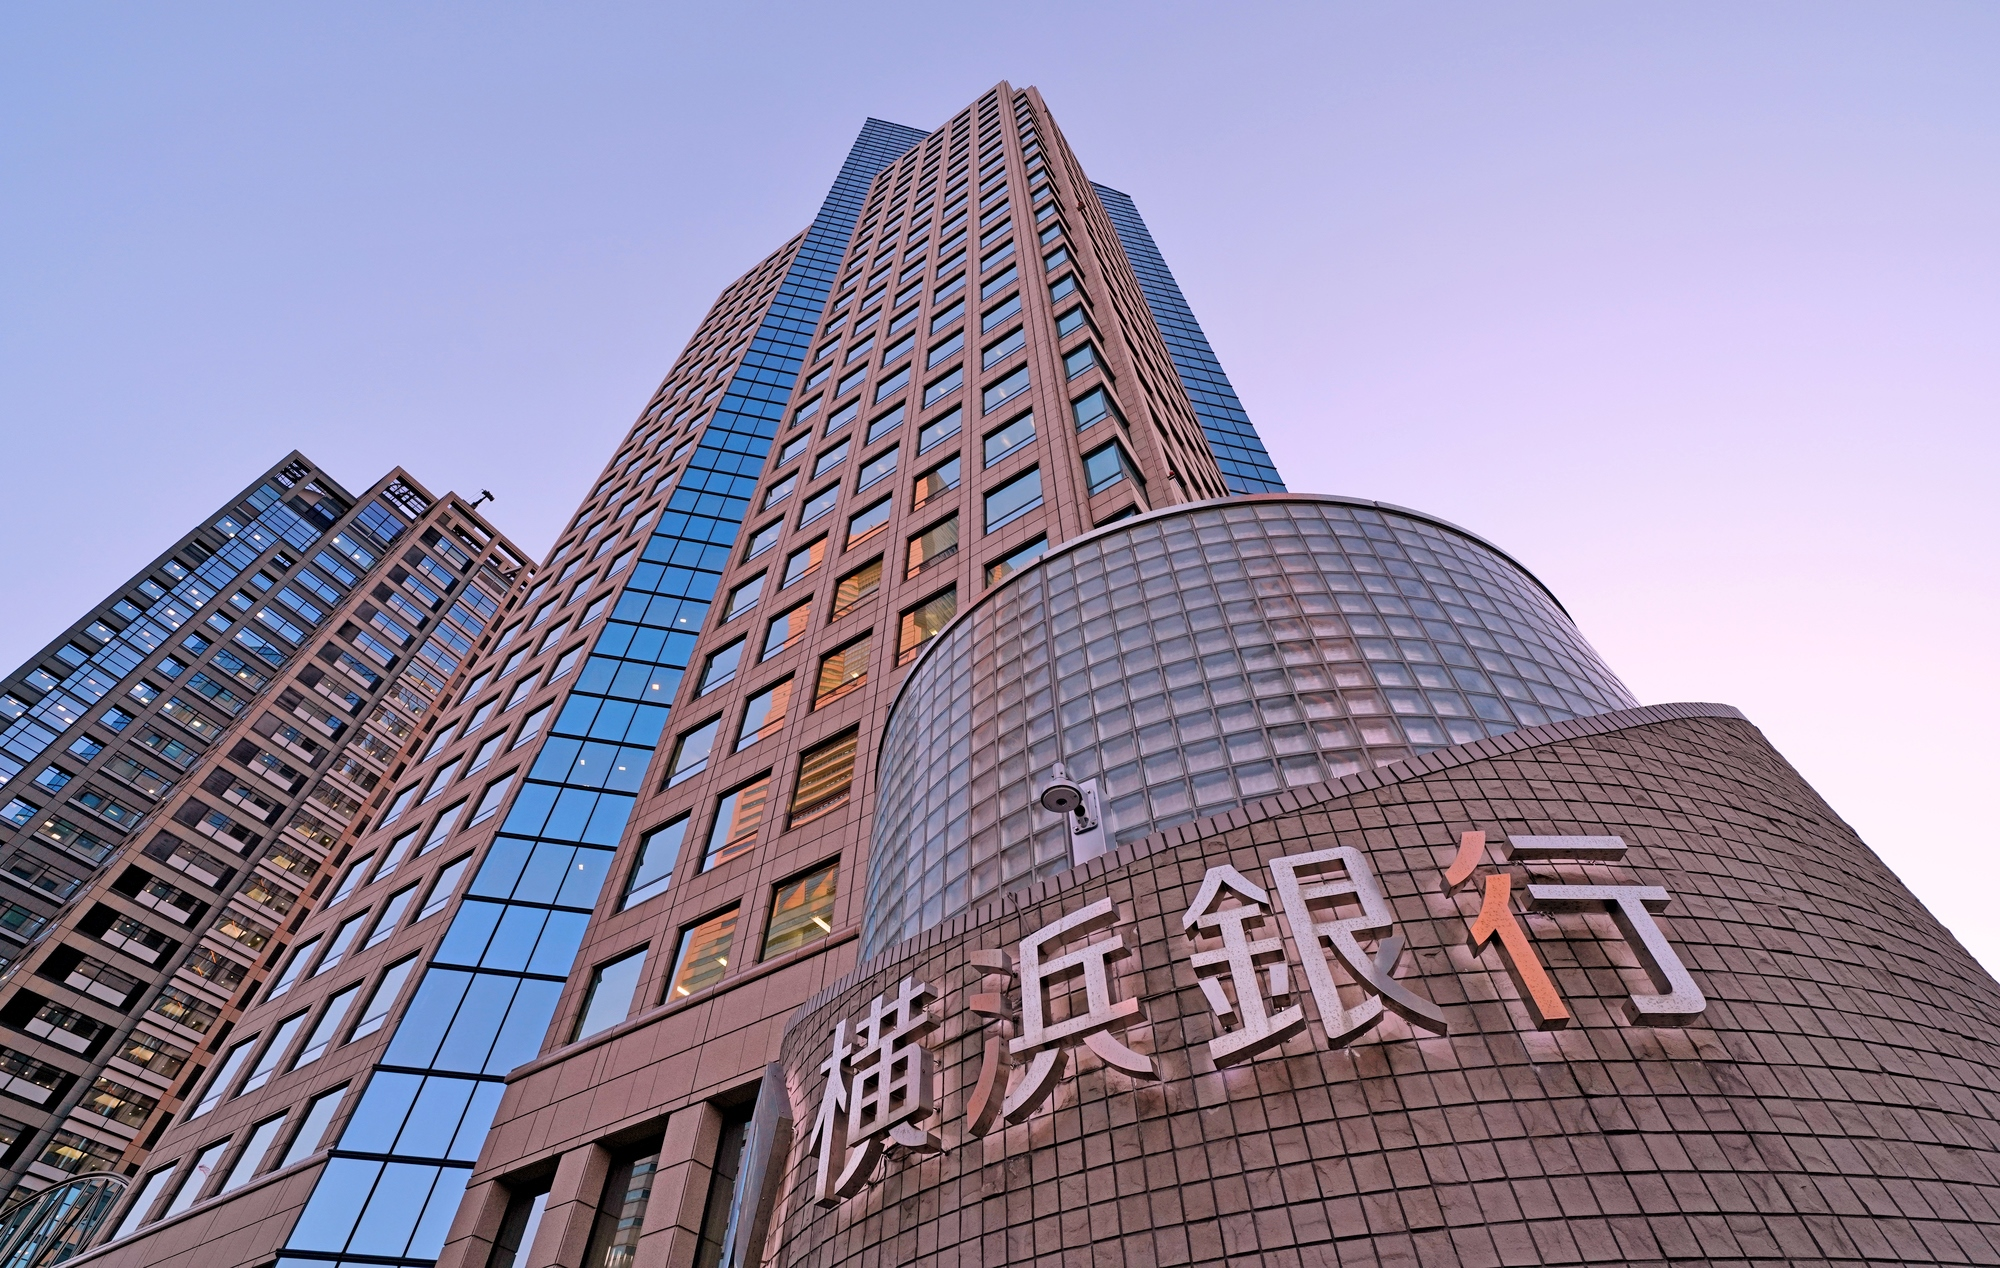 大手地銀の横浜銀行と千葉銀行が業務提携で合意──苦境に立つ地方銀行の今後は?